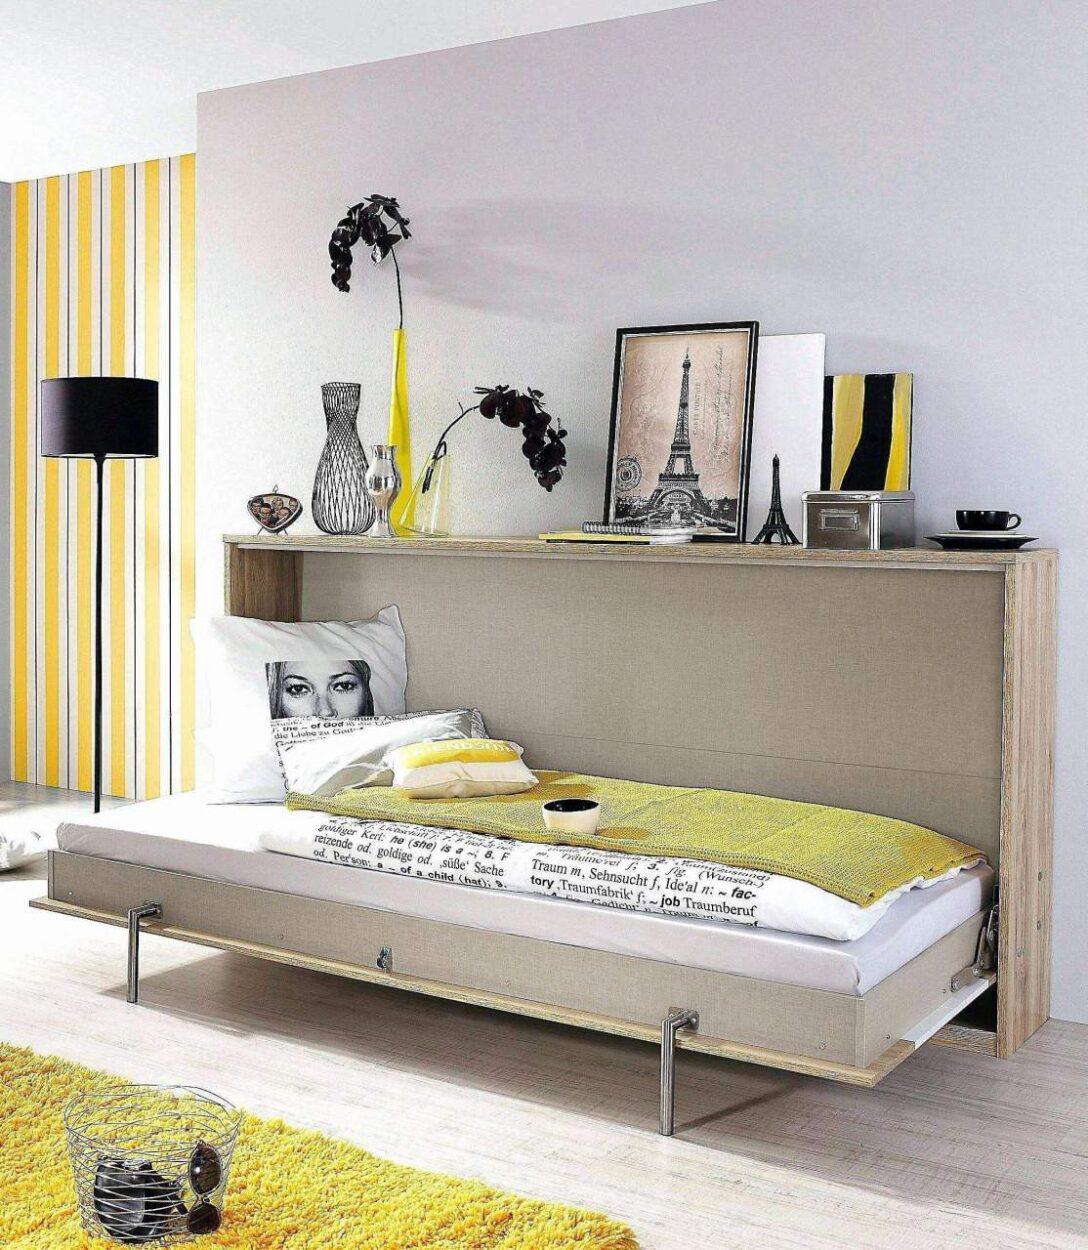 Large Size of Relaxliege Wohnzimmer Ikea Deko Lampe Lampen Sofa Mit Schlaffunktion Decke Teppich Landhausstil Liege Vinylboden Gardinen Deckenlampen Modern Küche Kosten Wohnzimmer Relaxliege Wohnzimmer Ikea